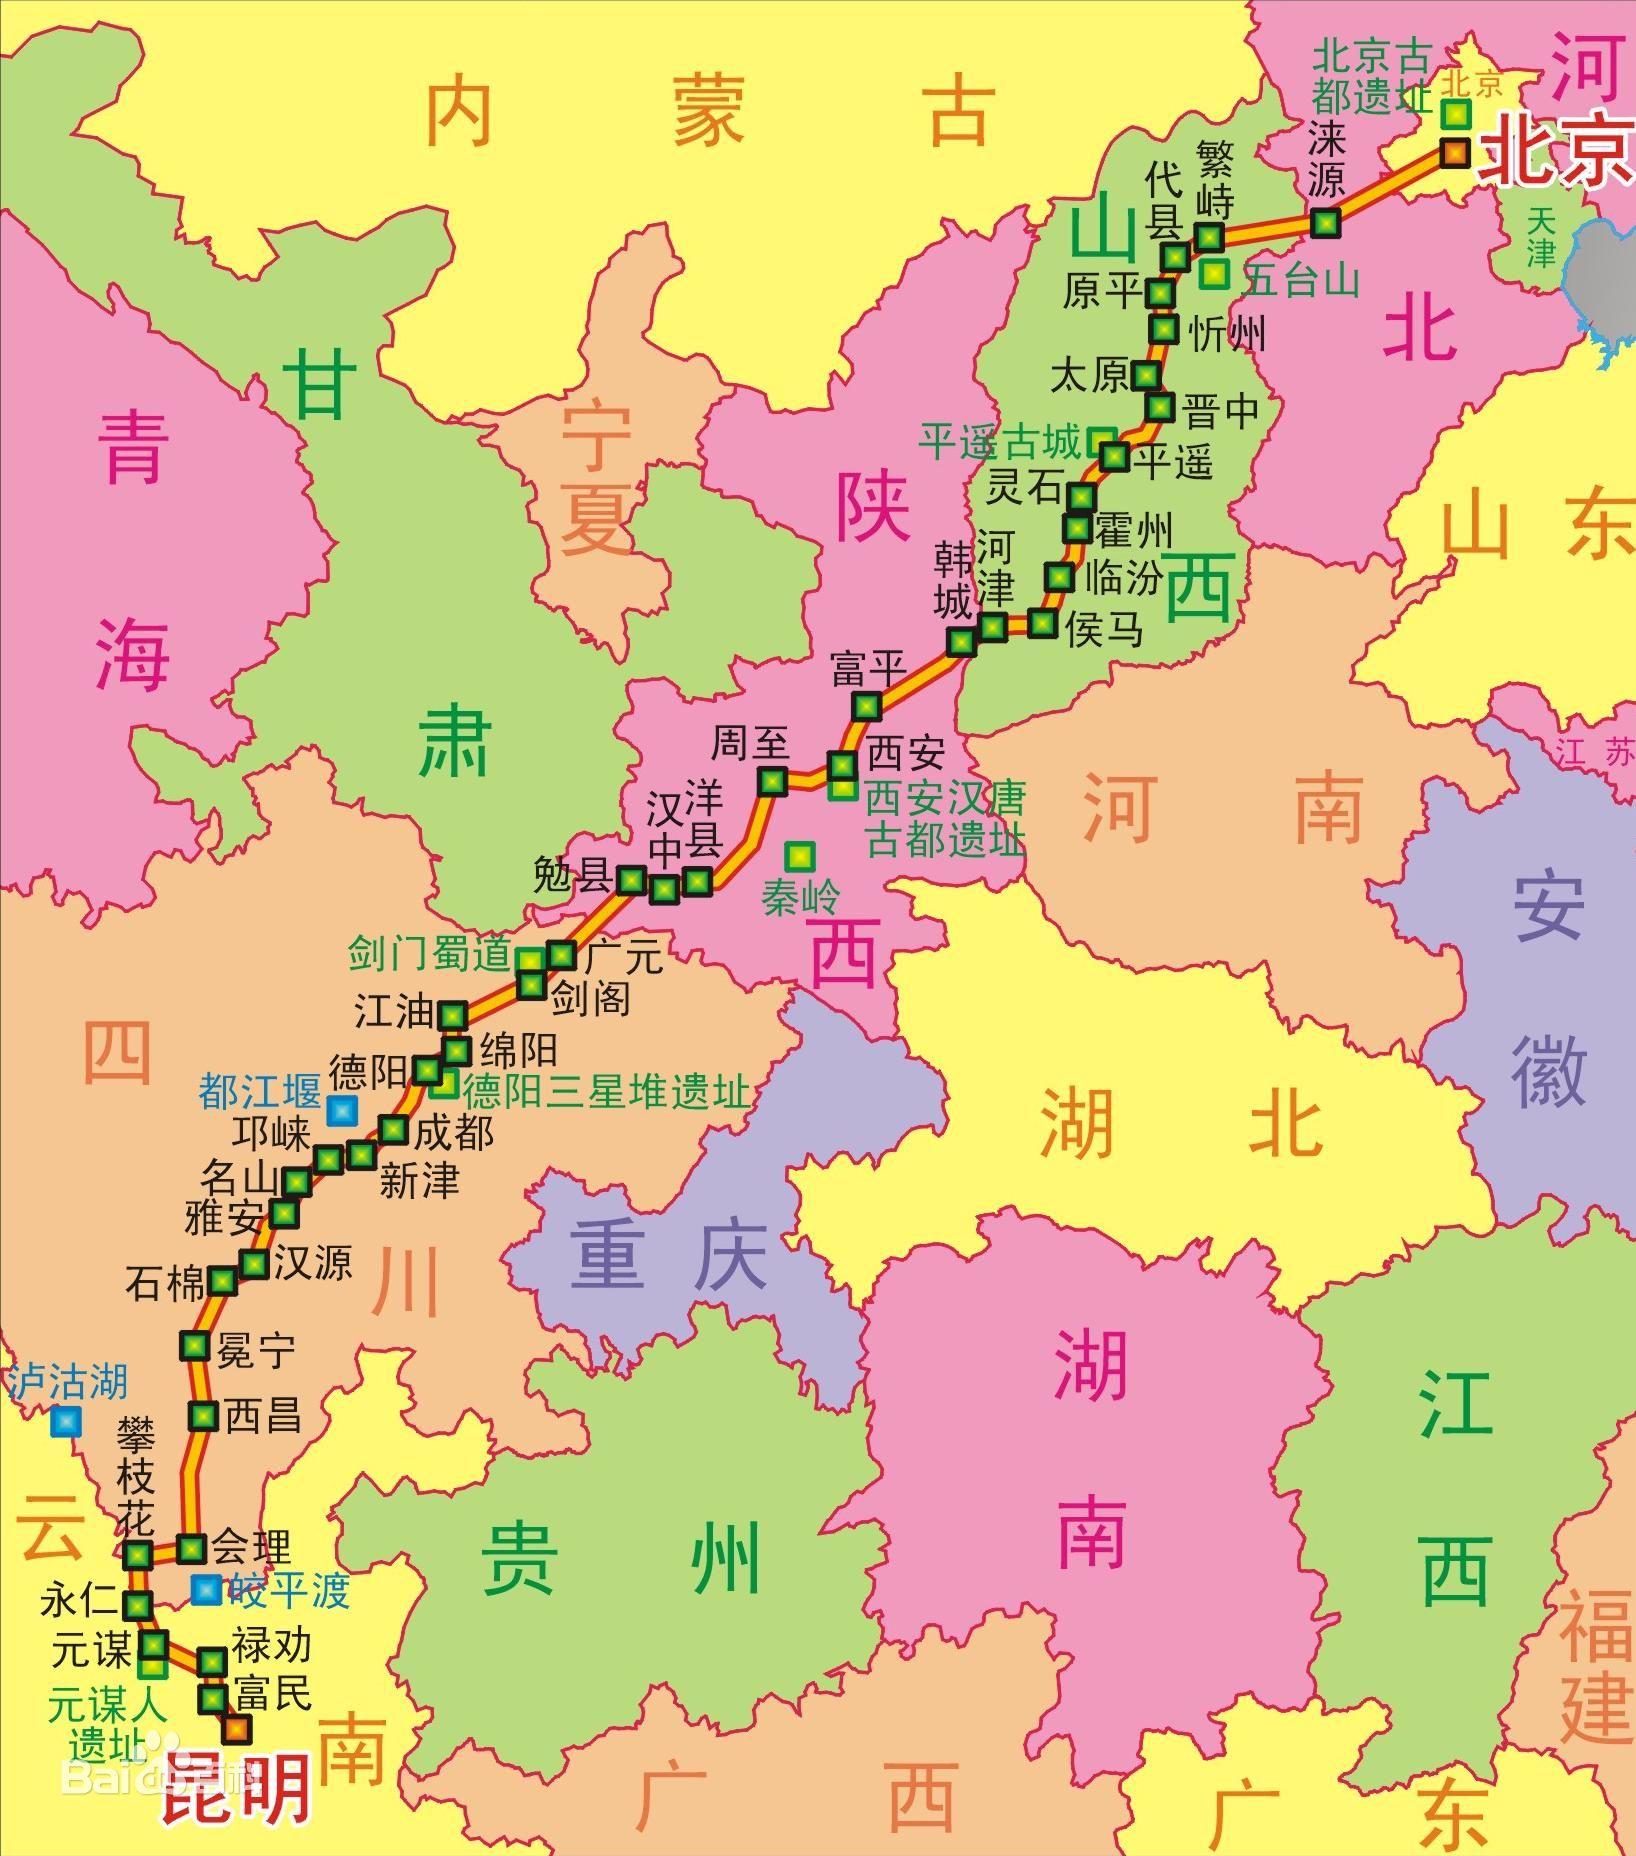 108国道线路地图